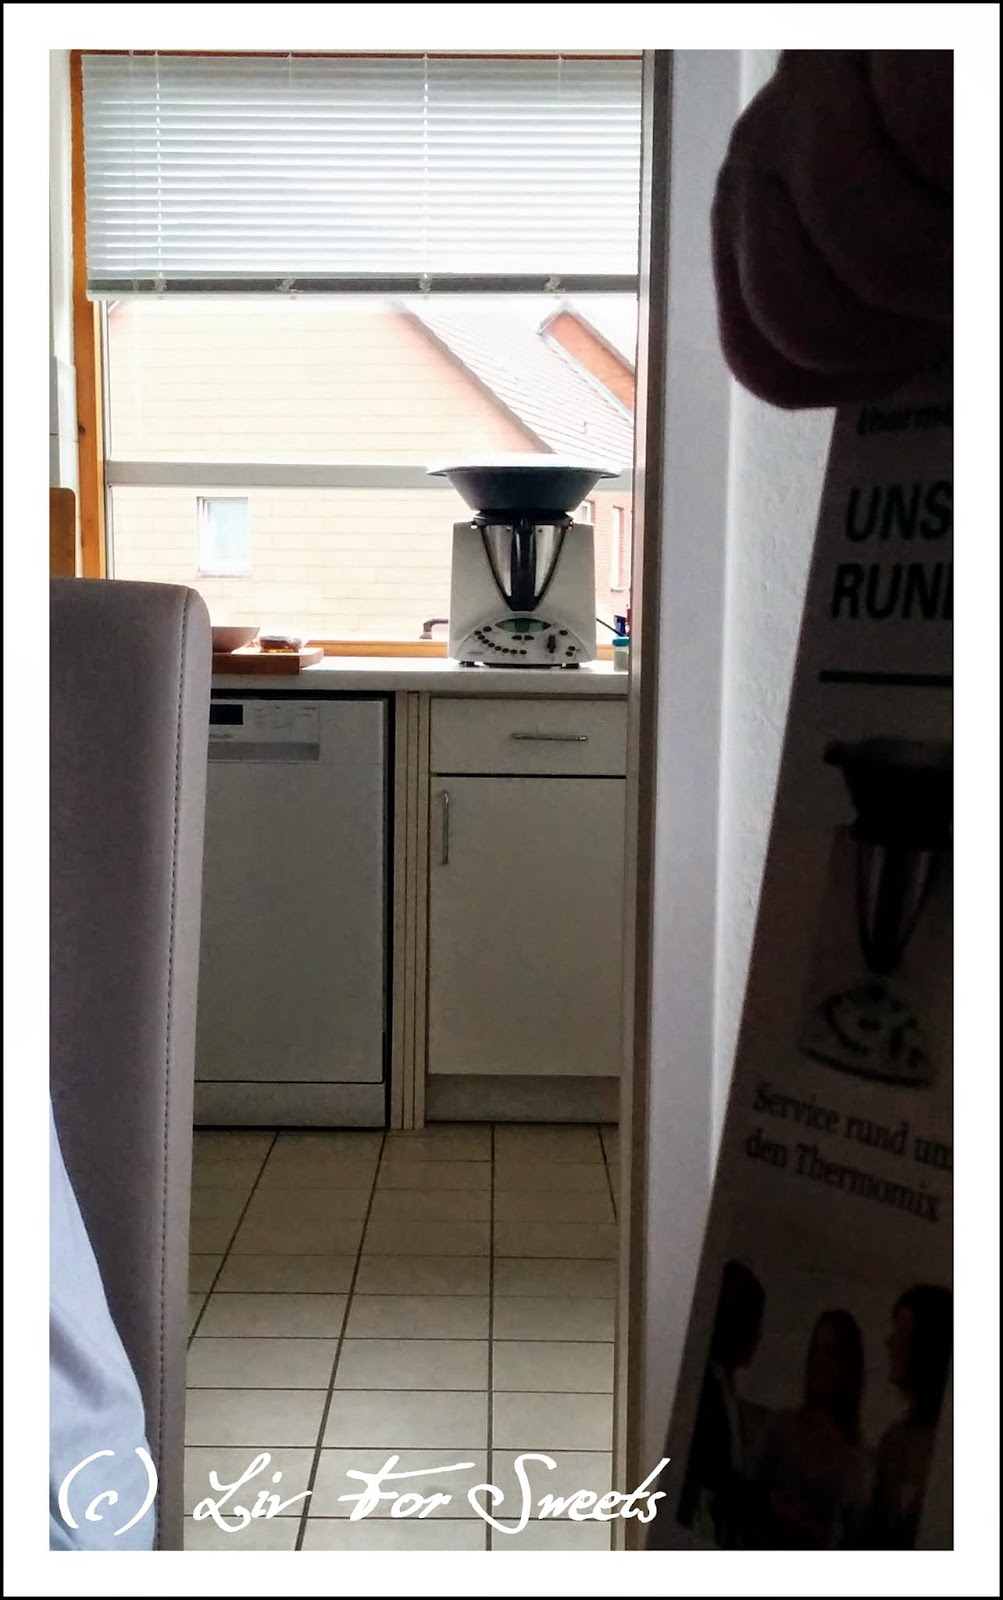 Der Thermomix TM31 in meiner Küche